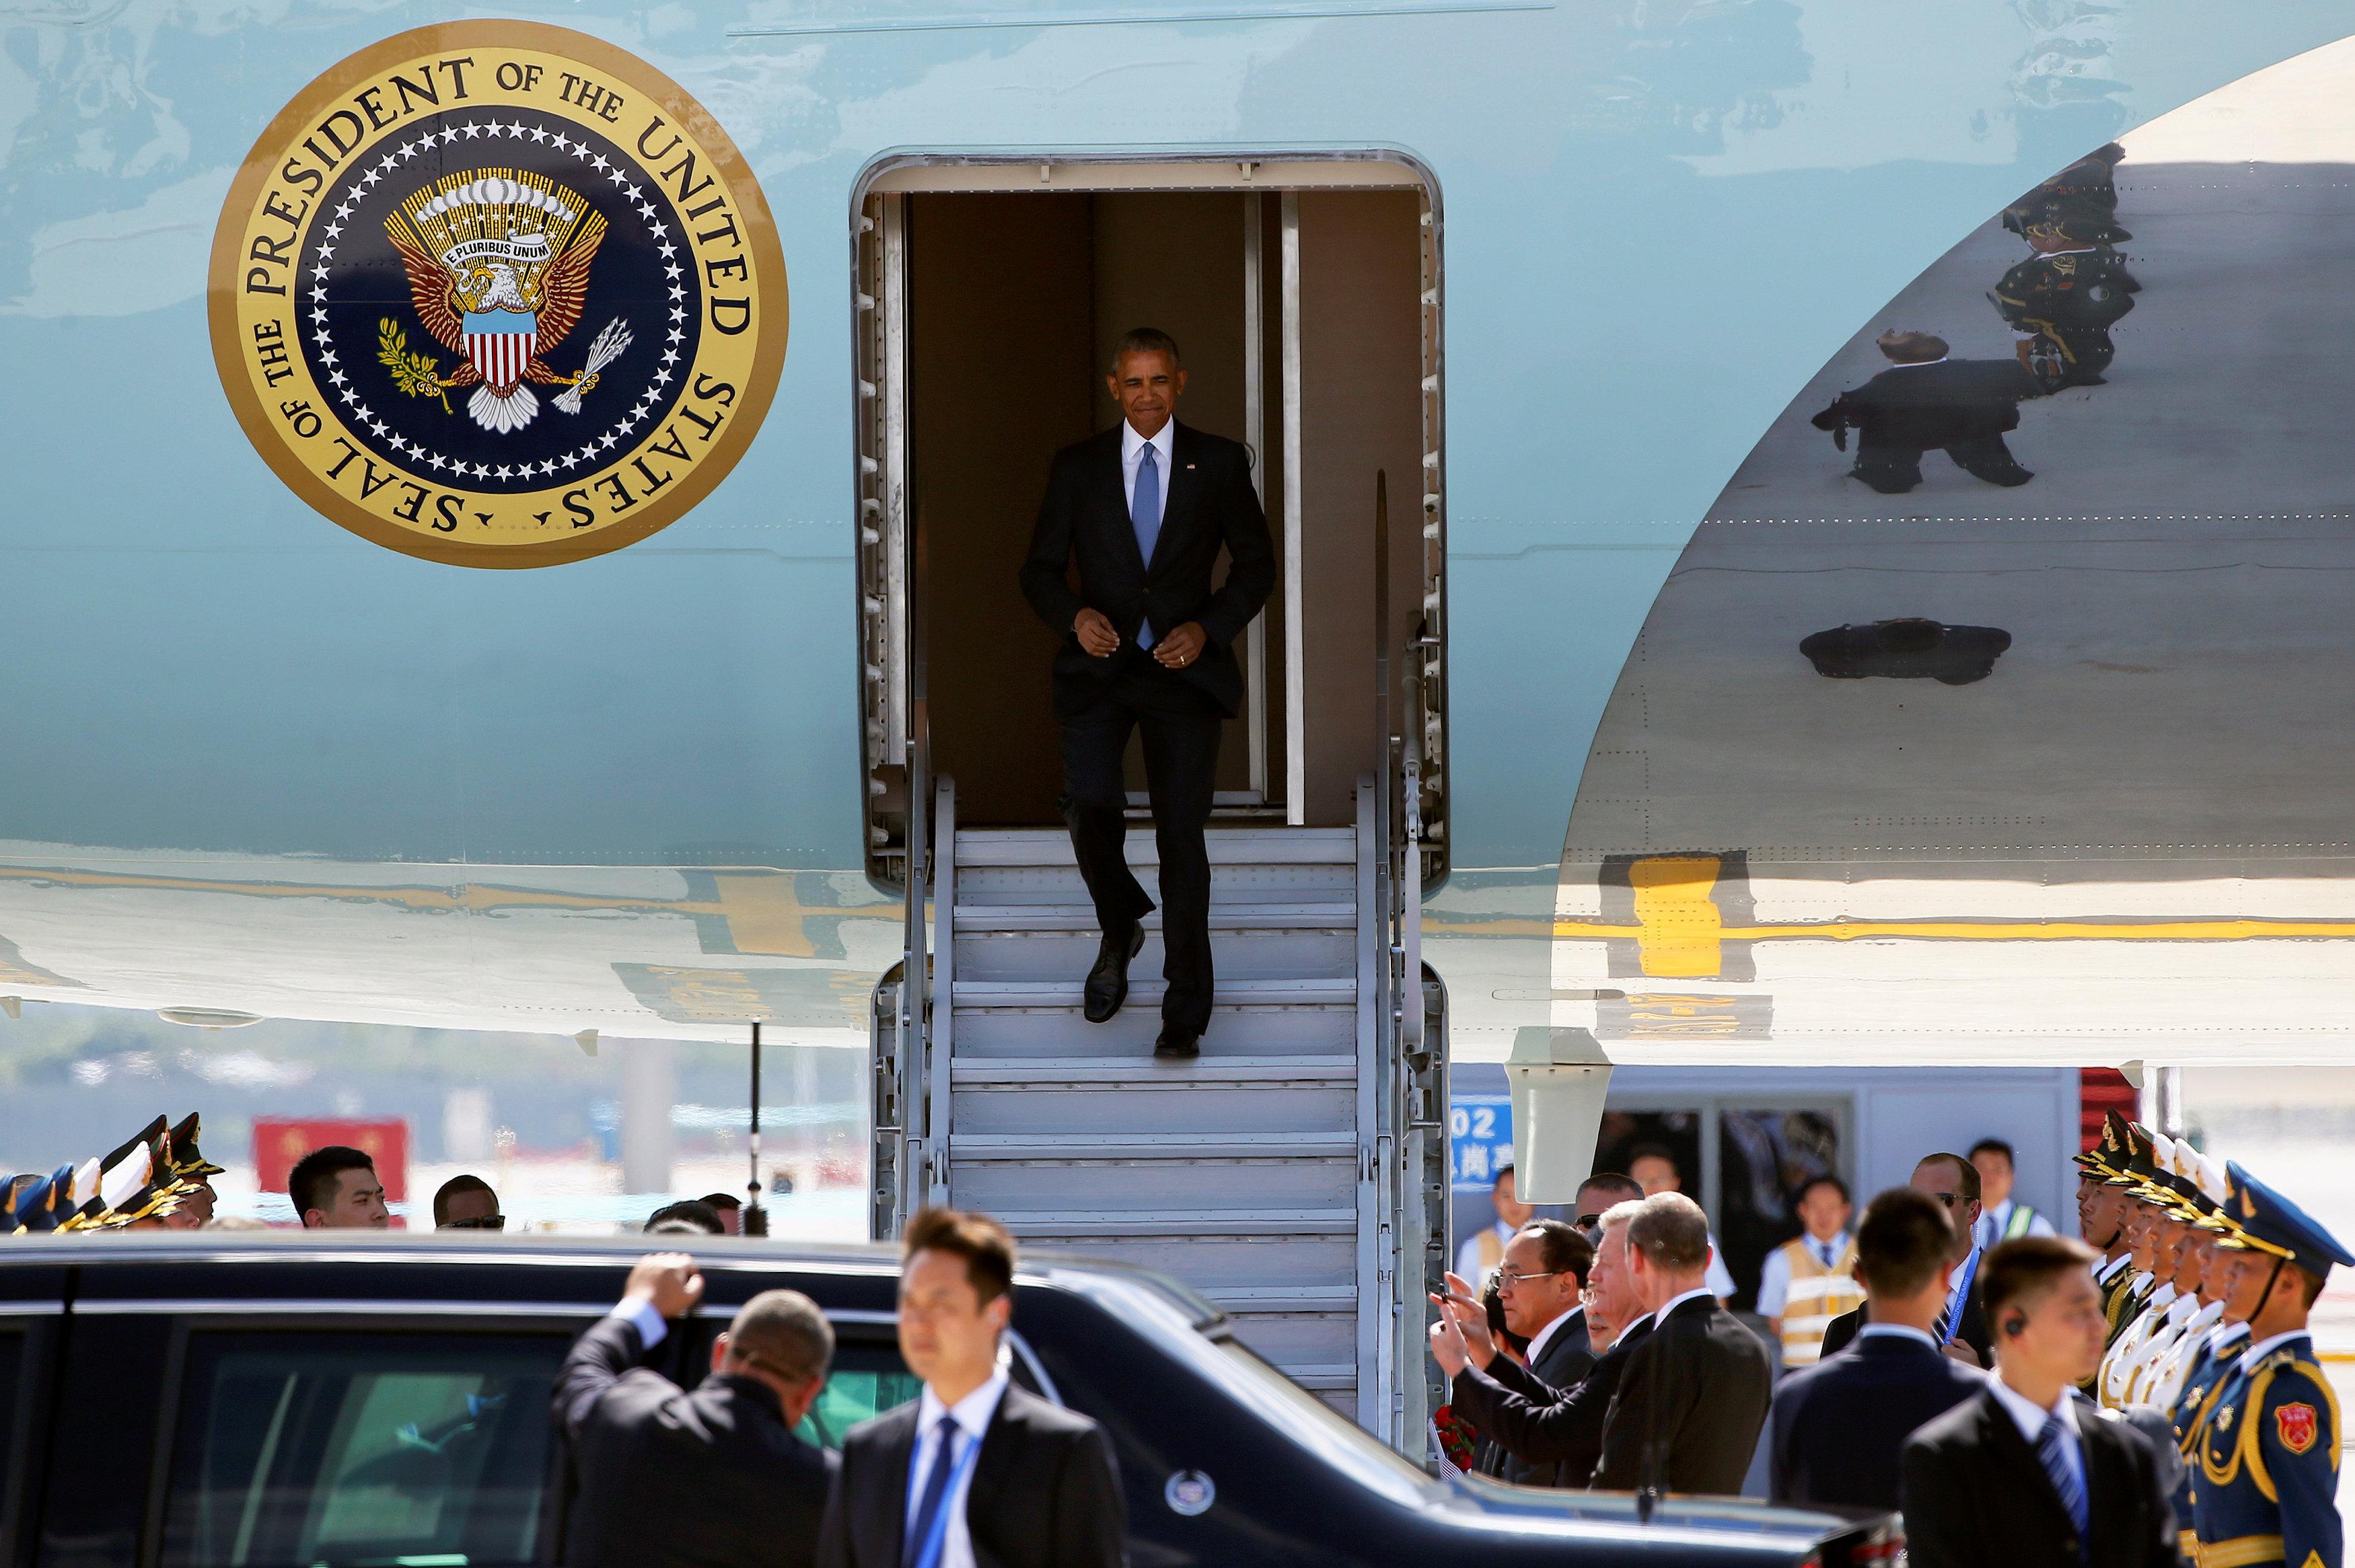 Barack Obama privé de tapis rouge à sa descente de l'avion à l'aéroport de Hangzhou